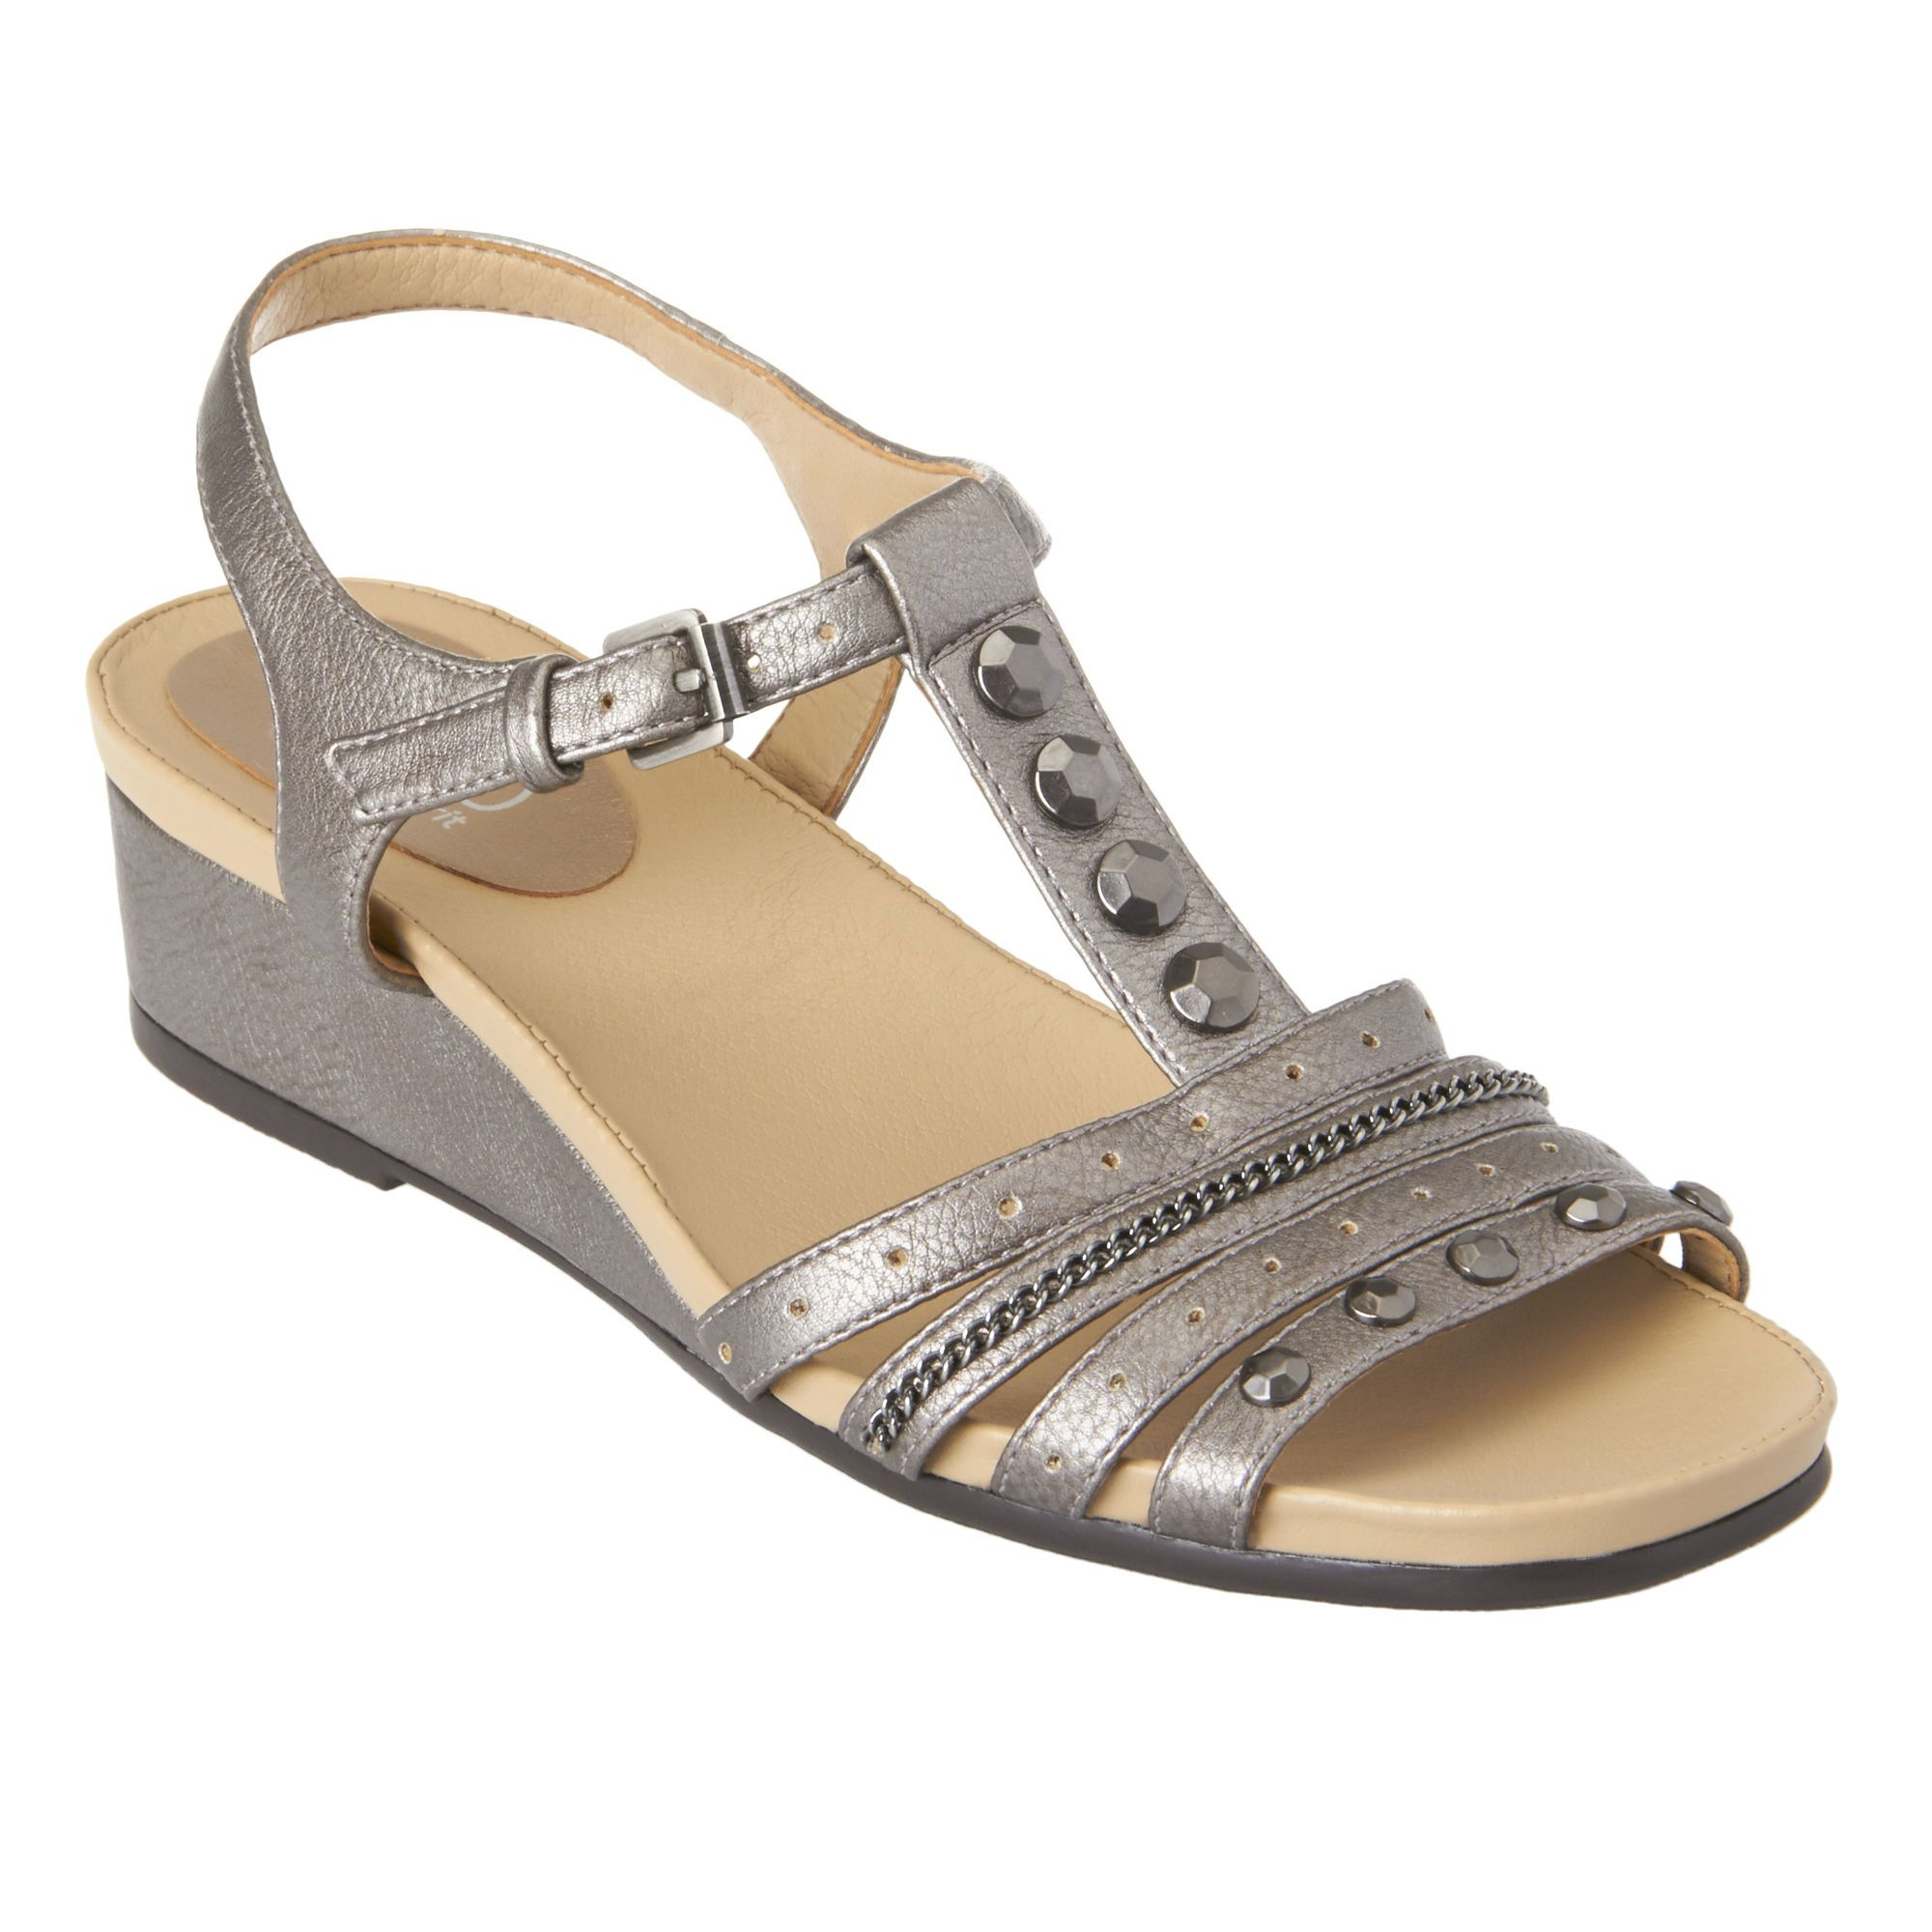 Baybird Wedge Sandals